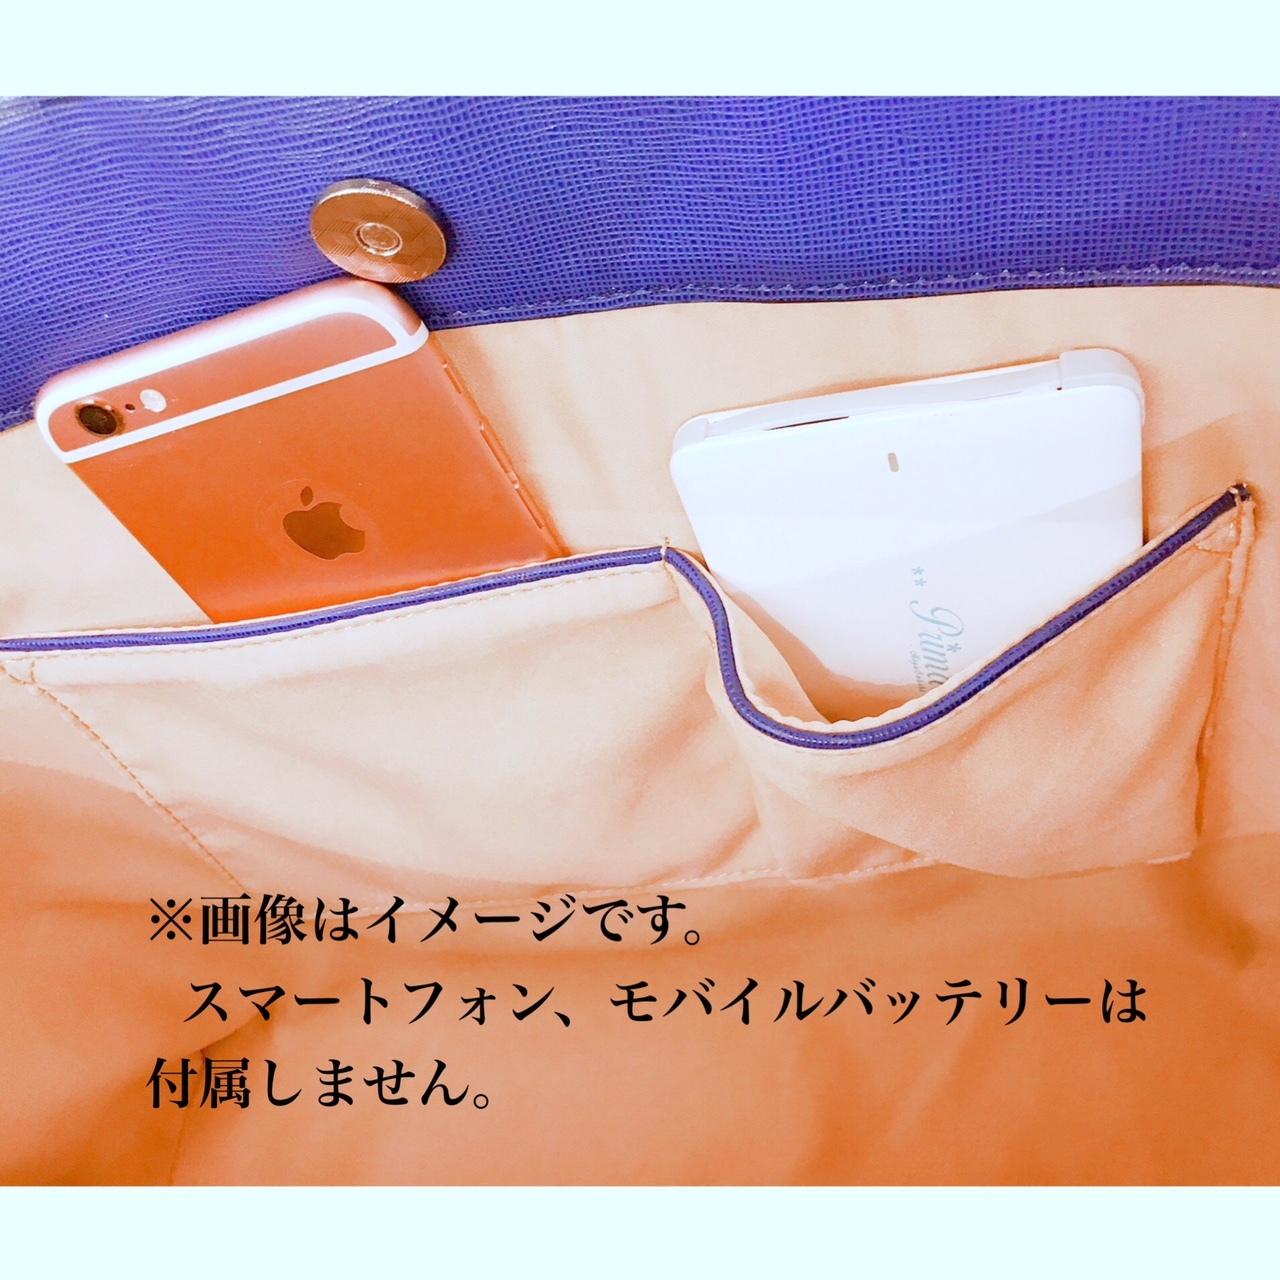 咲妃みゆデザイン監修オリジナルバッグ